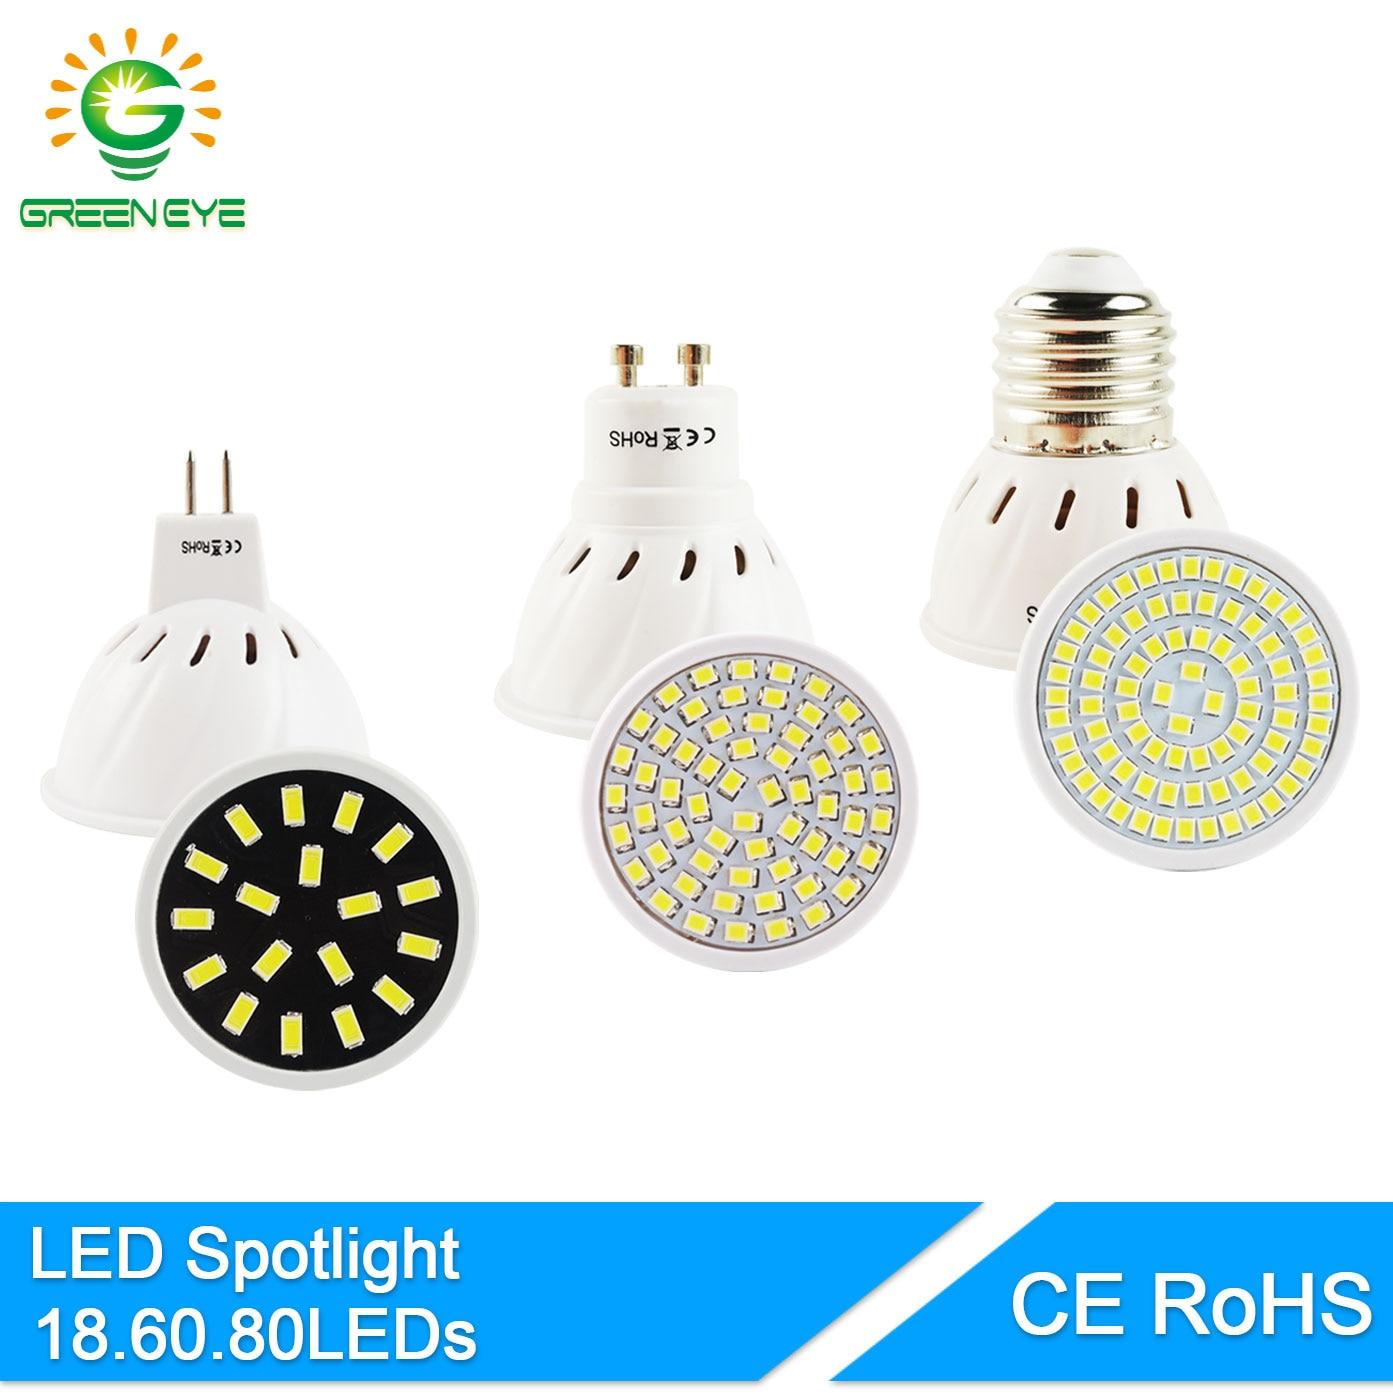 GreenEye Bombilla LED GU5.3/MR16 GU10 E27 AC 220V/110V 3W 4W 6W 8W SMD 5733/2835 LED Spotlight Bulb Lampada Ampoule Lamp Lampara